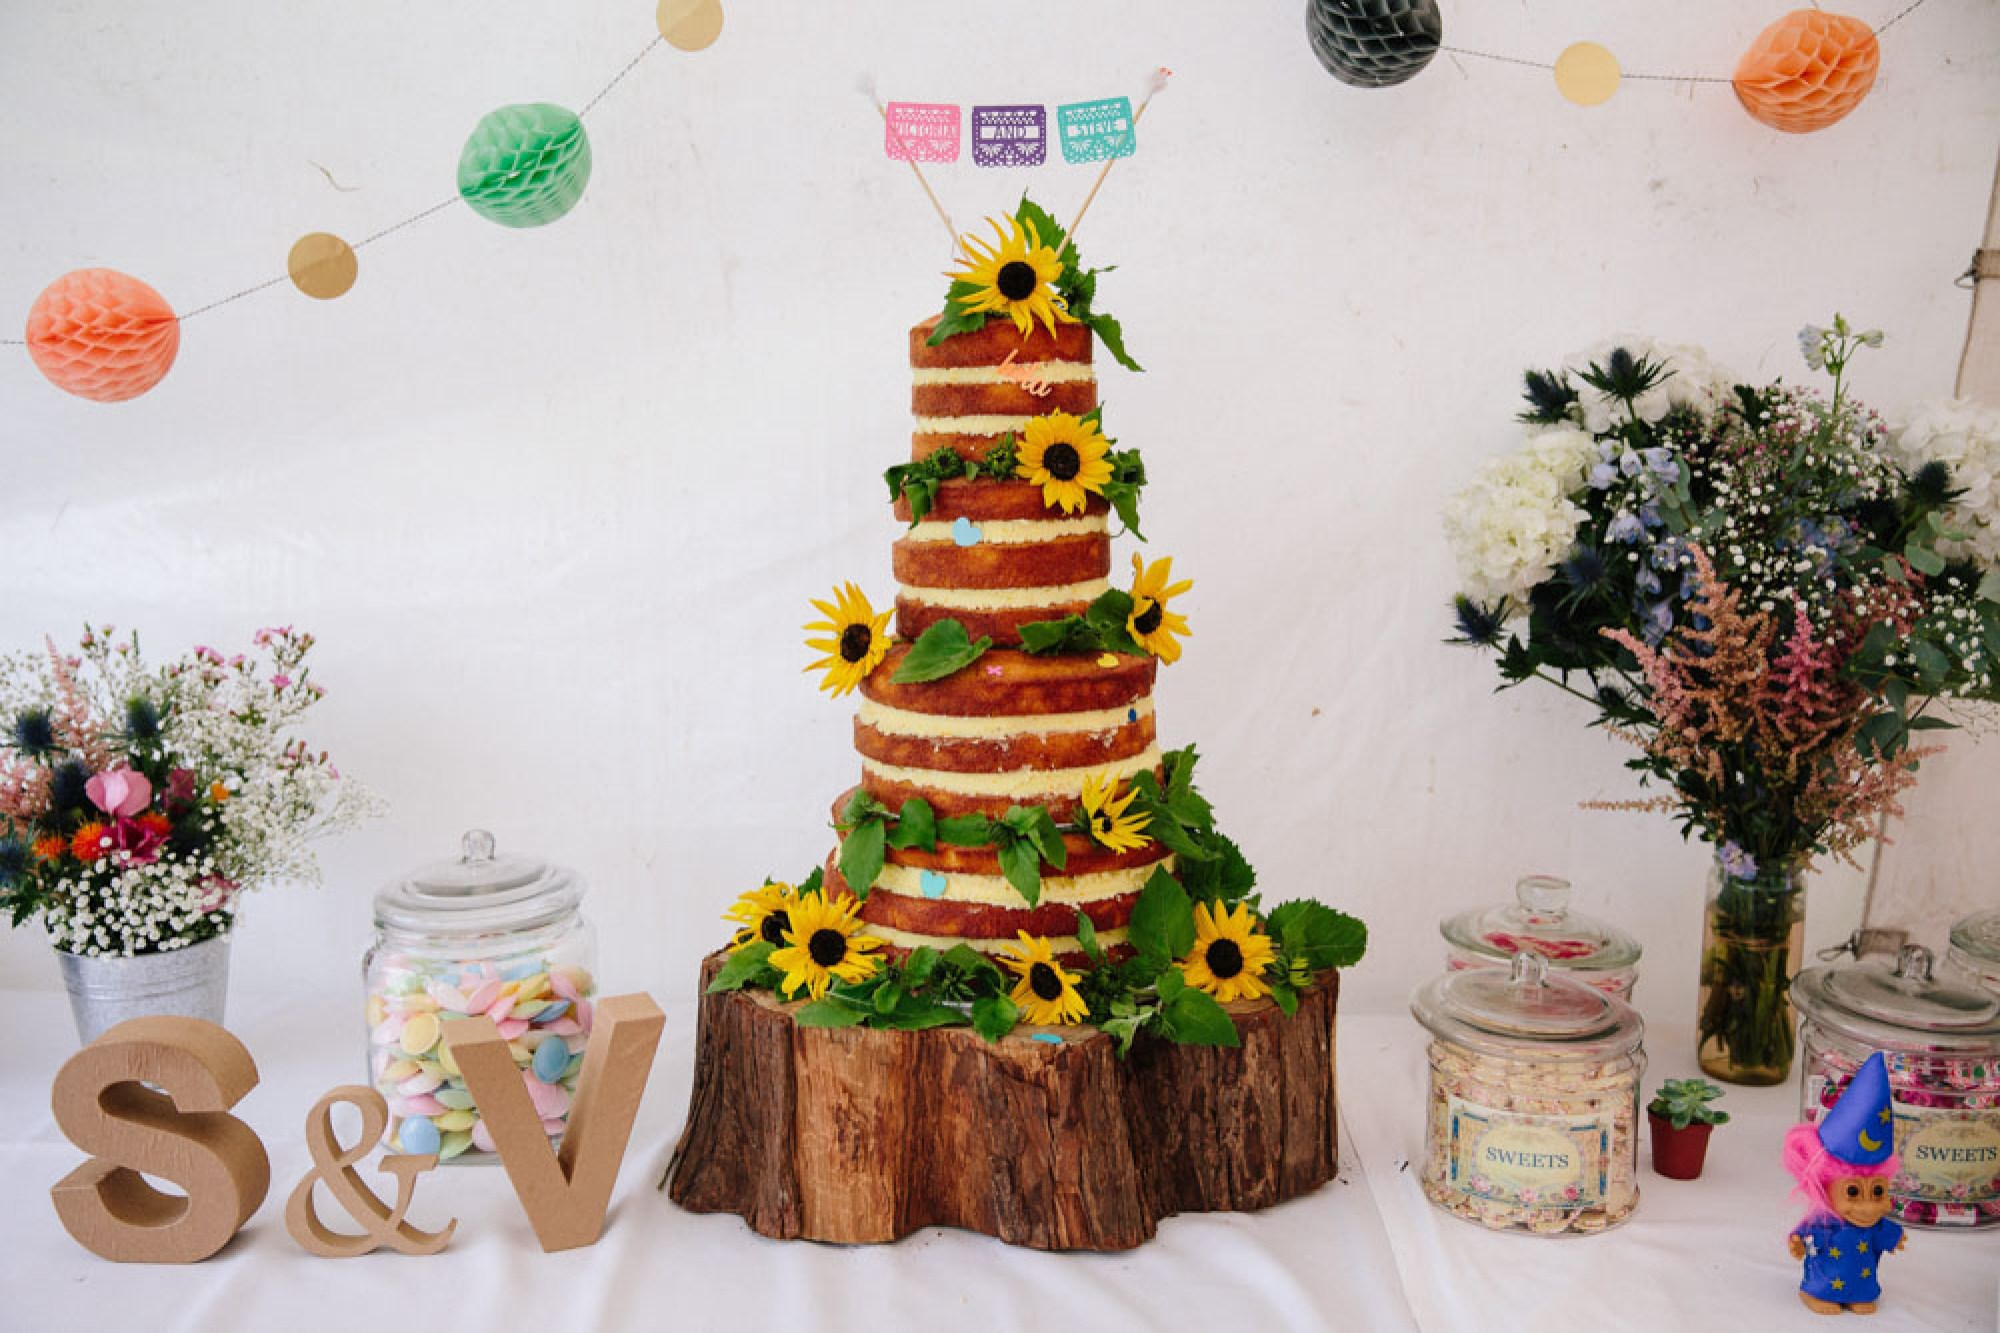 Fee Turner naked wedding cake polenta